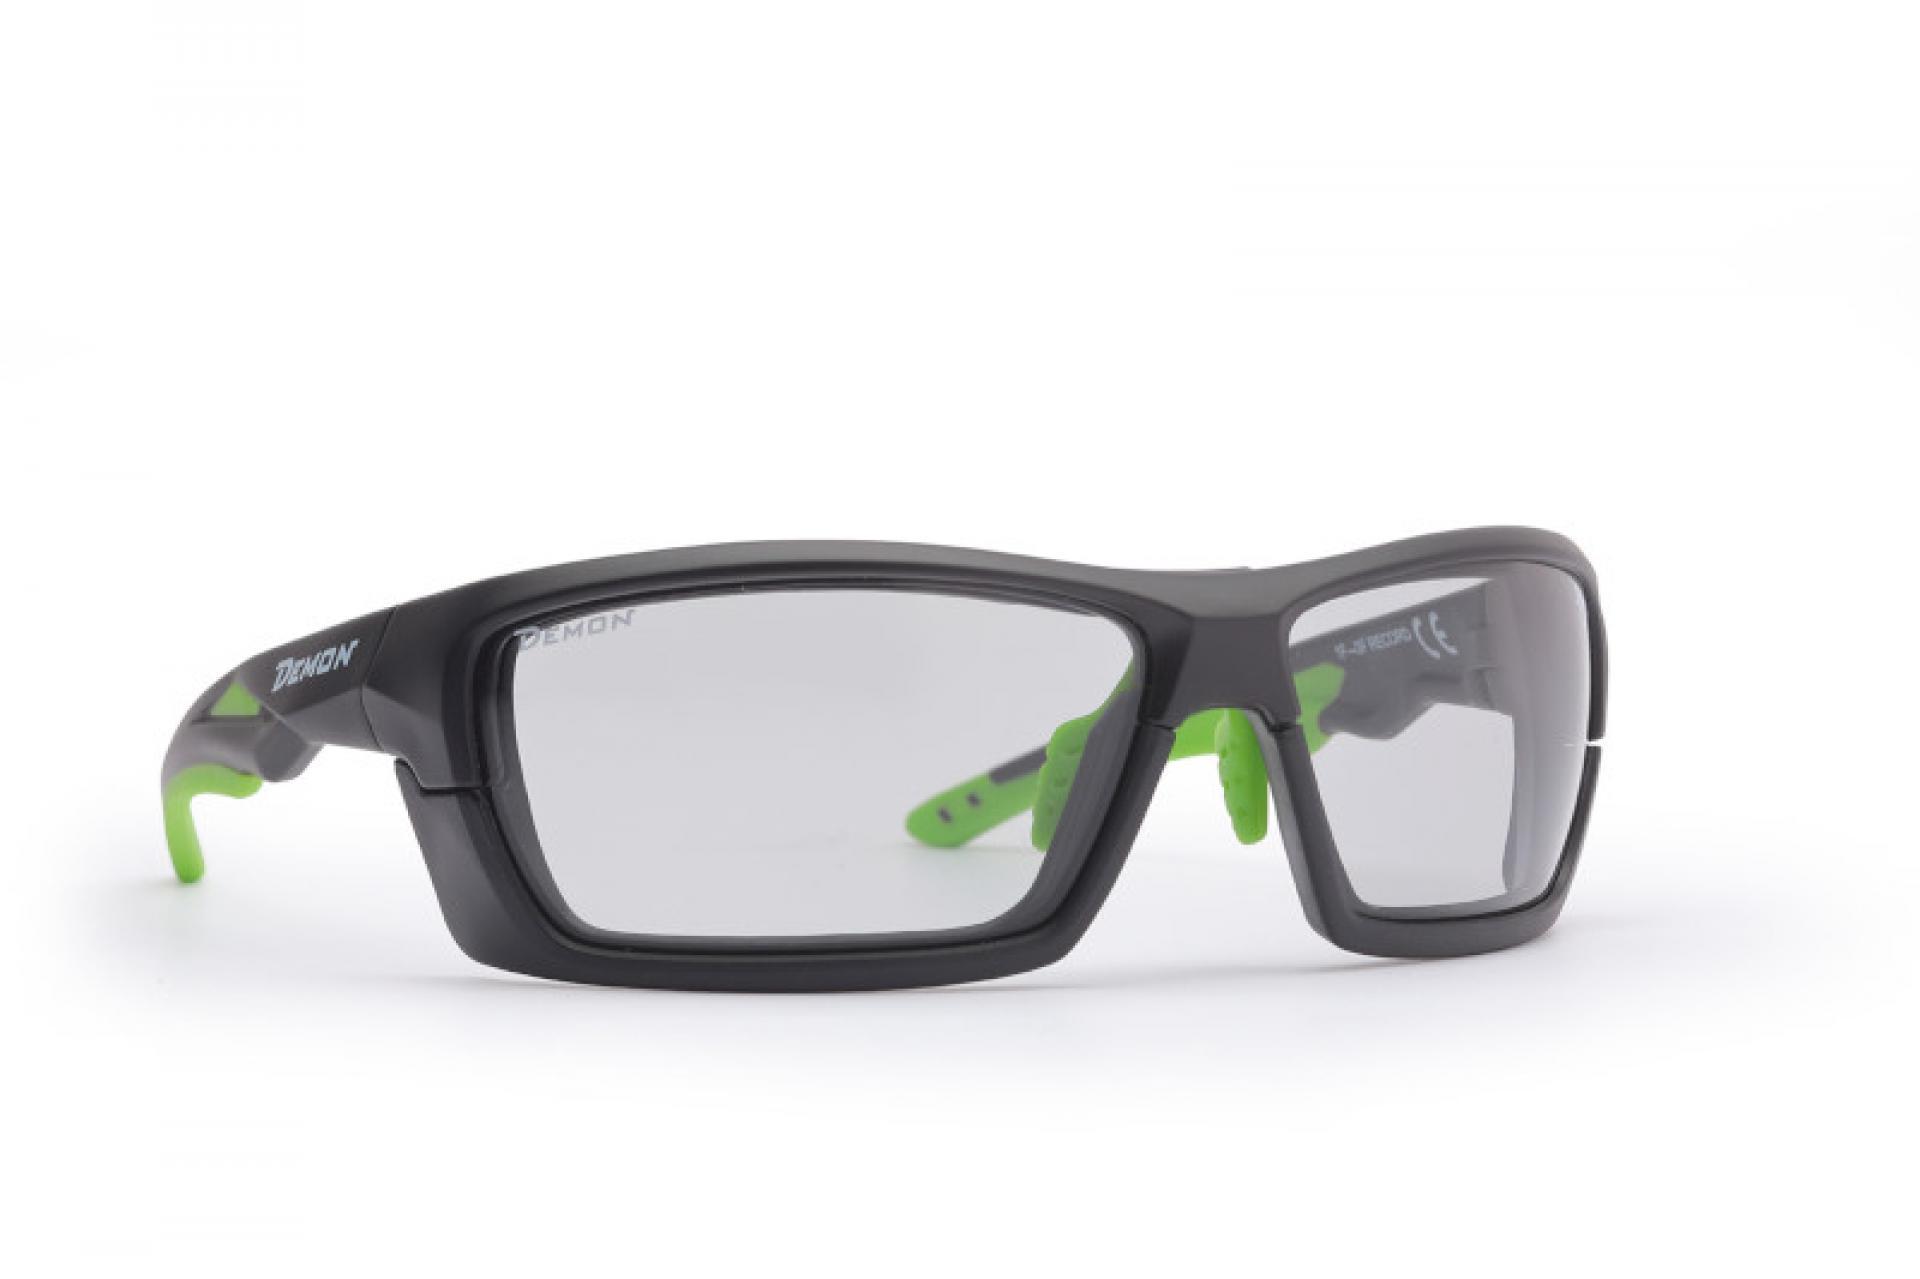 Demon Record DCHROM - Løbe- og cykelbrille med fotokromiske linser - Sort/grøn   Glasses